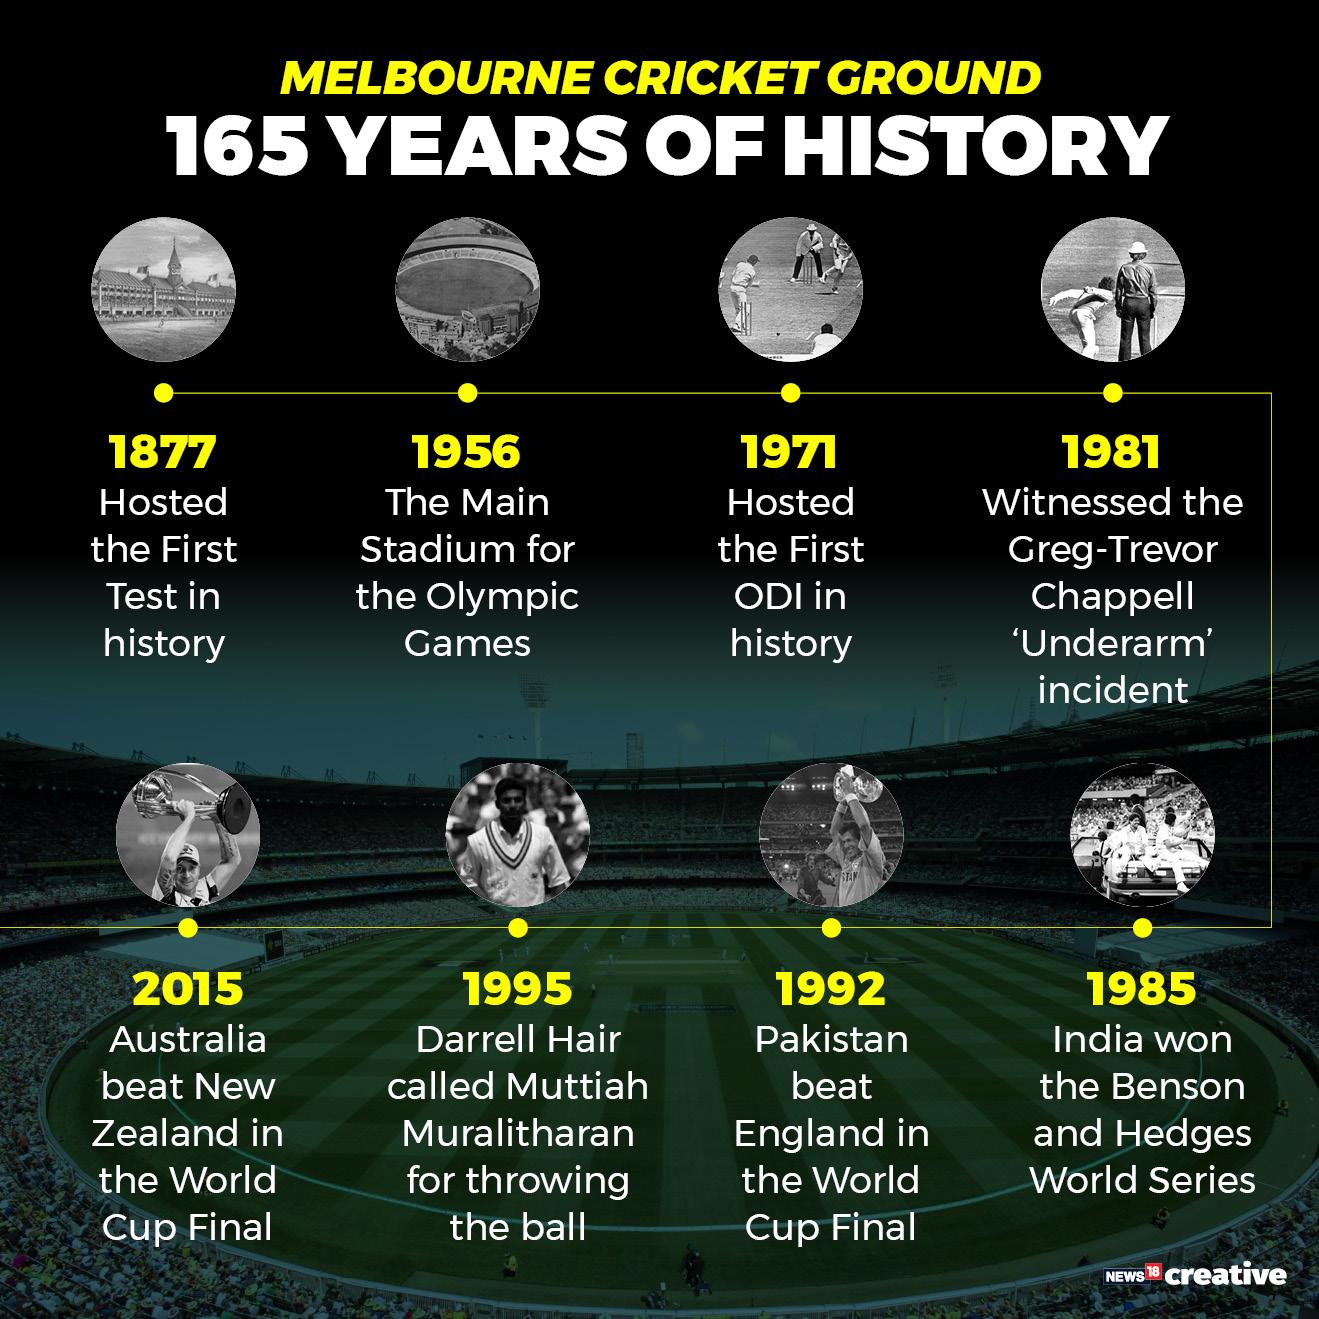 kmhouseindia: Melbourne Cricket Ground(MCG) - 165 Years Of